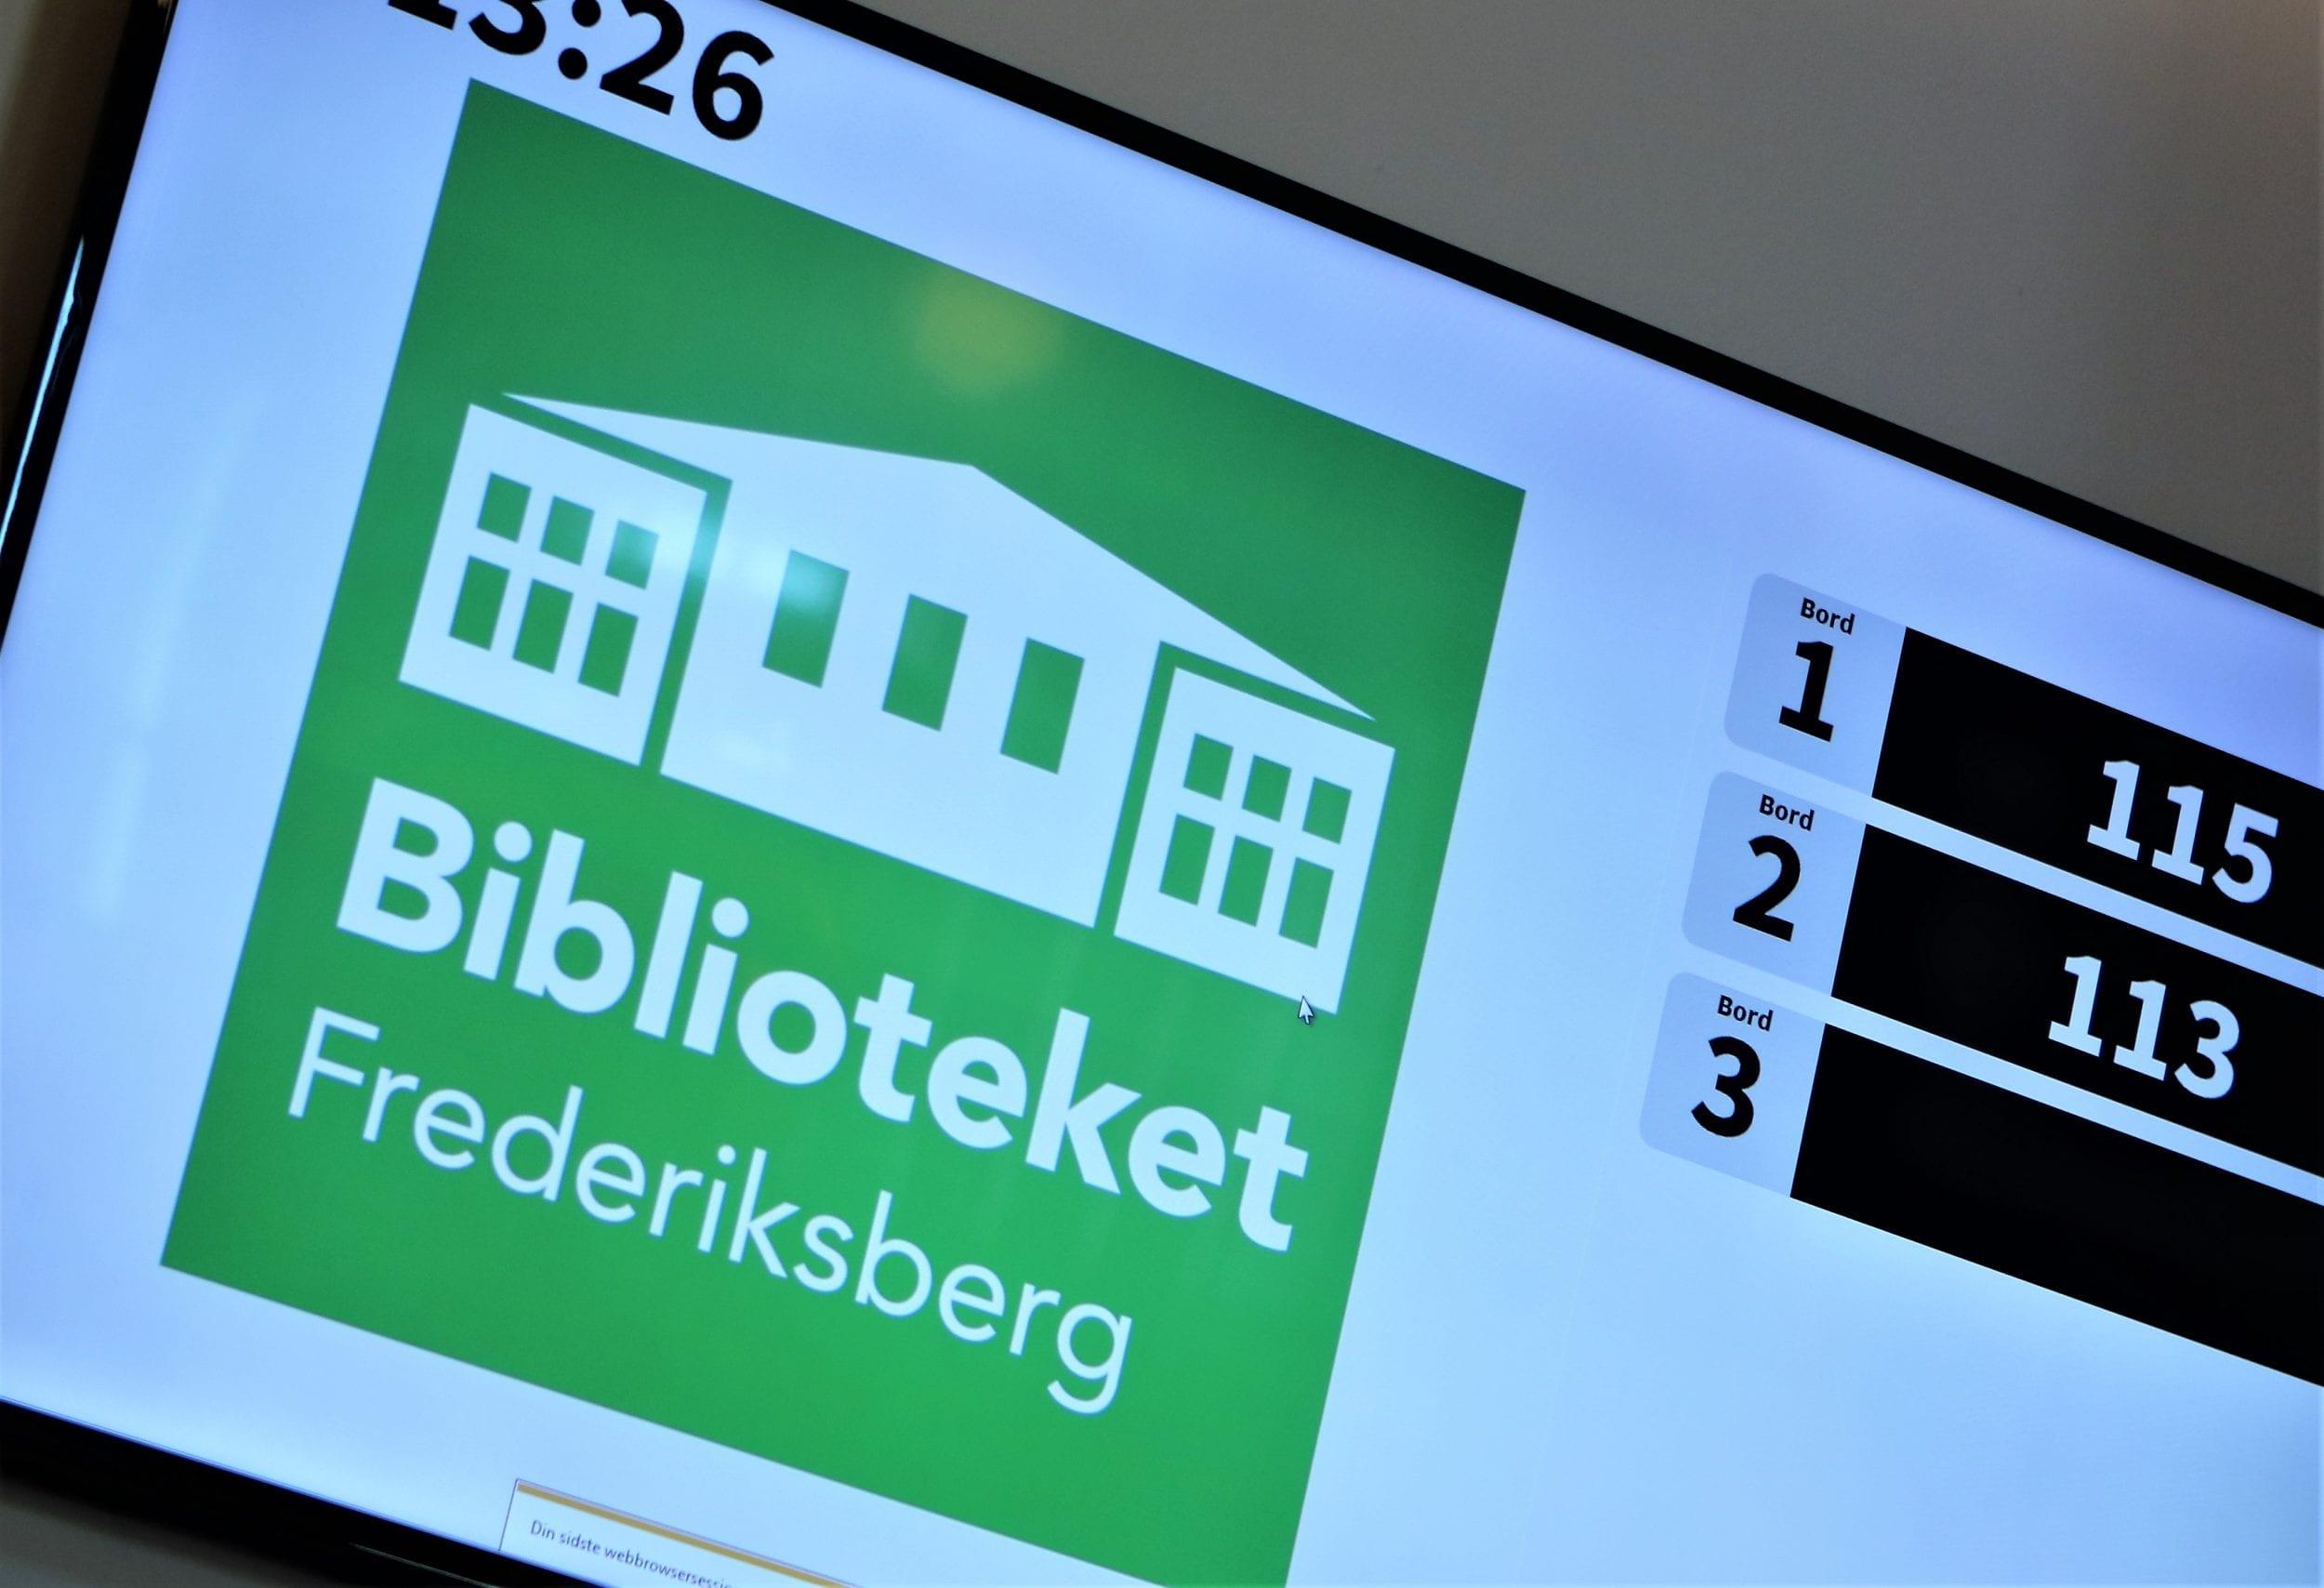 Biblioteket Godthåbsvej får ny indretning